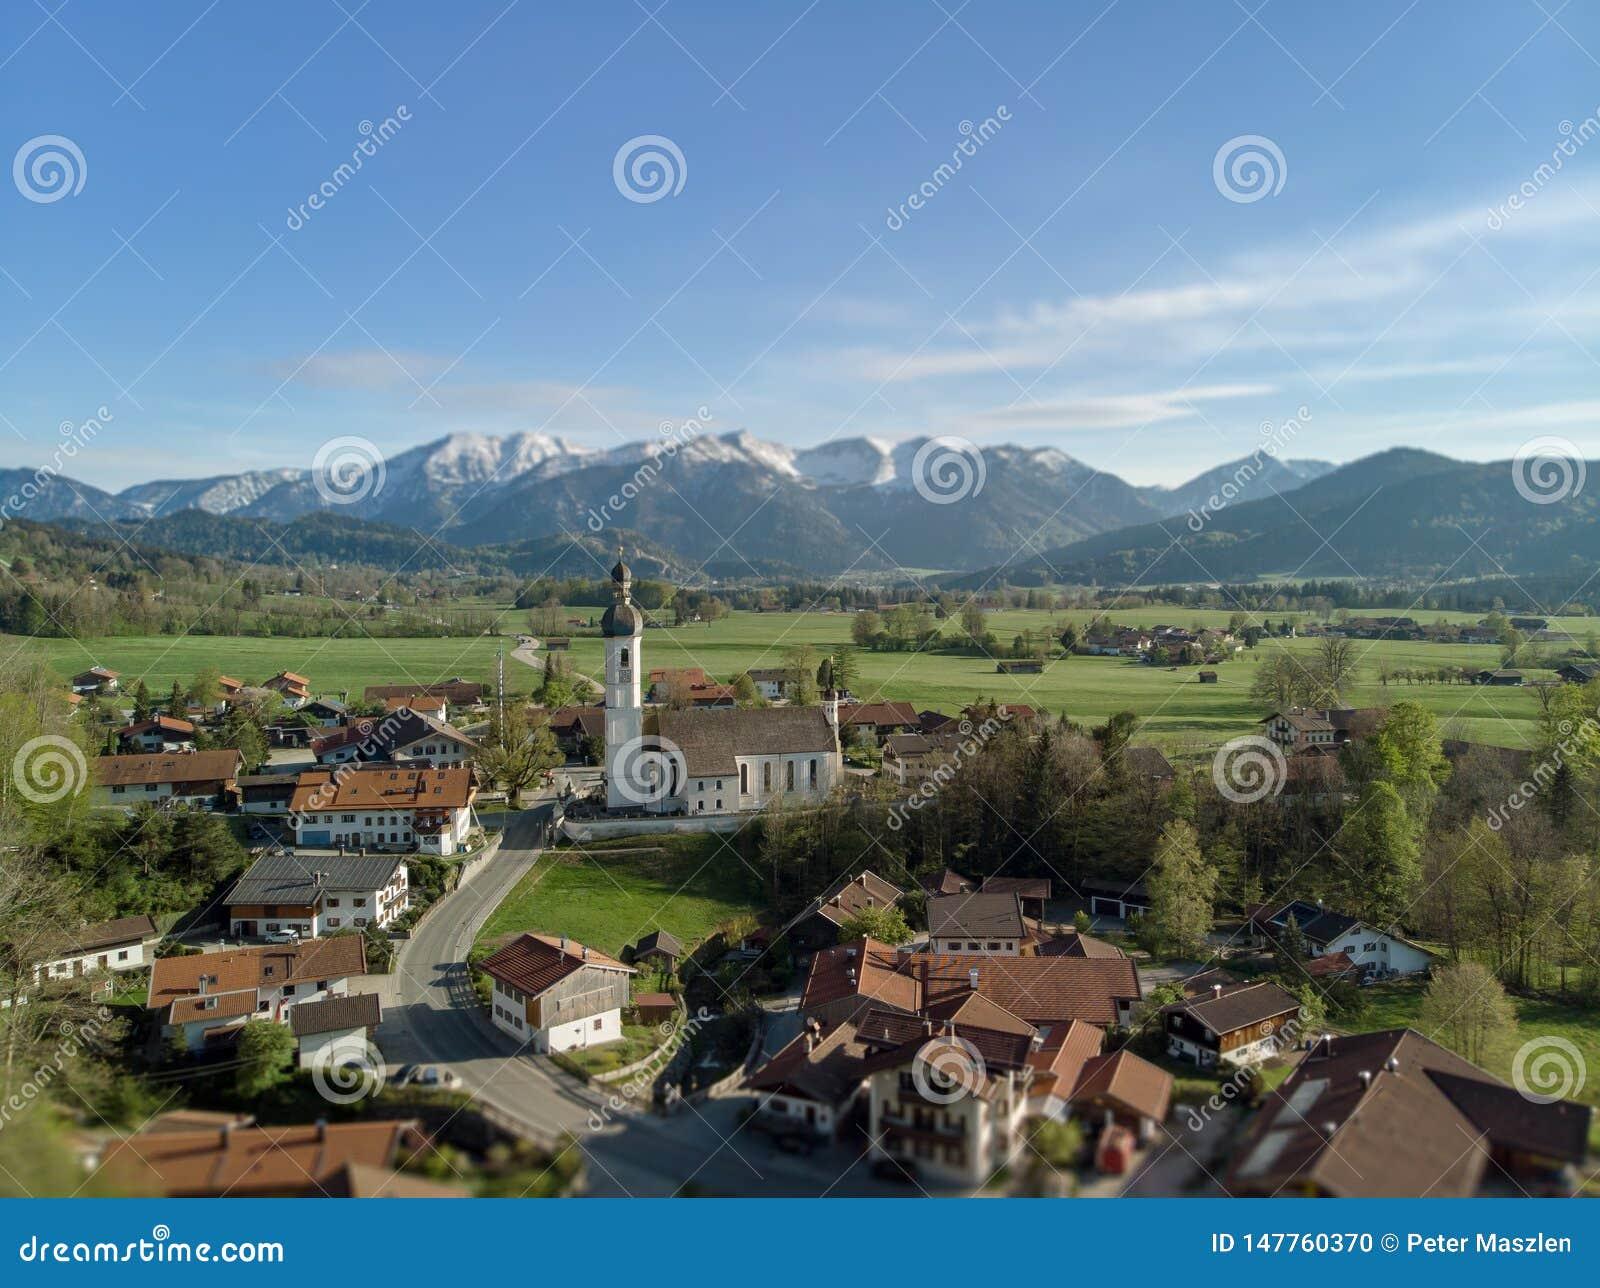 Widok z lotu ptaka Bawarska wioska w pięknym krajobrazie blisko do alps